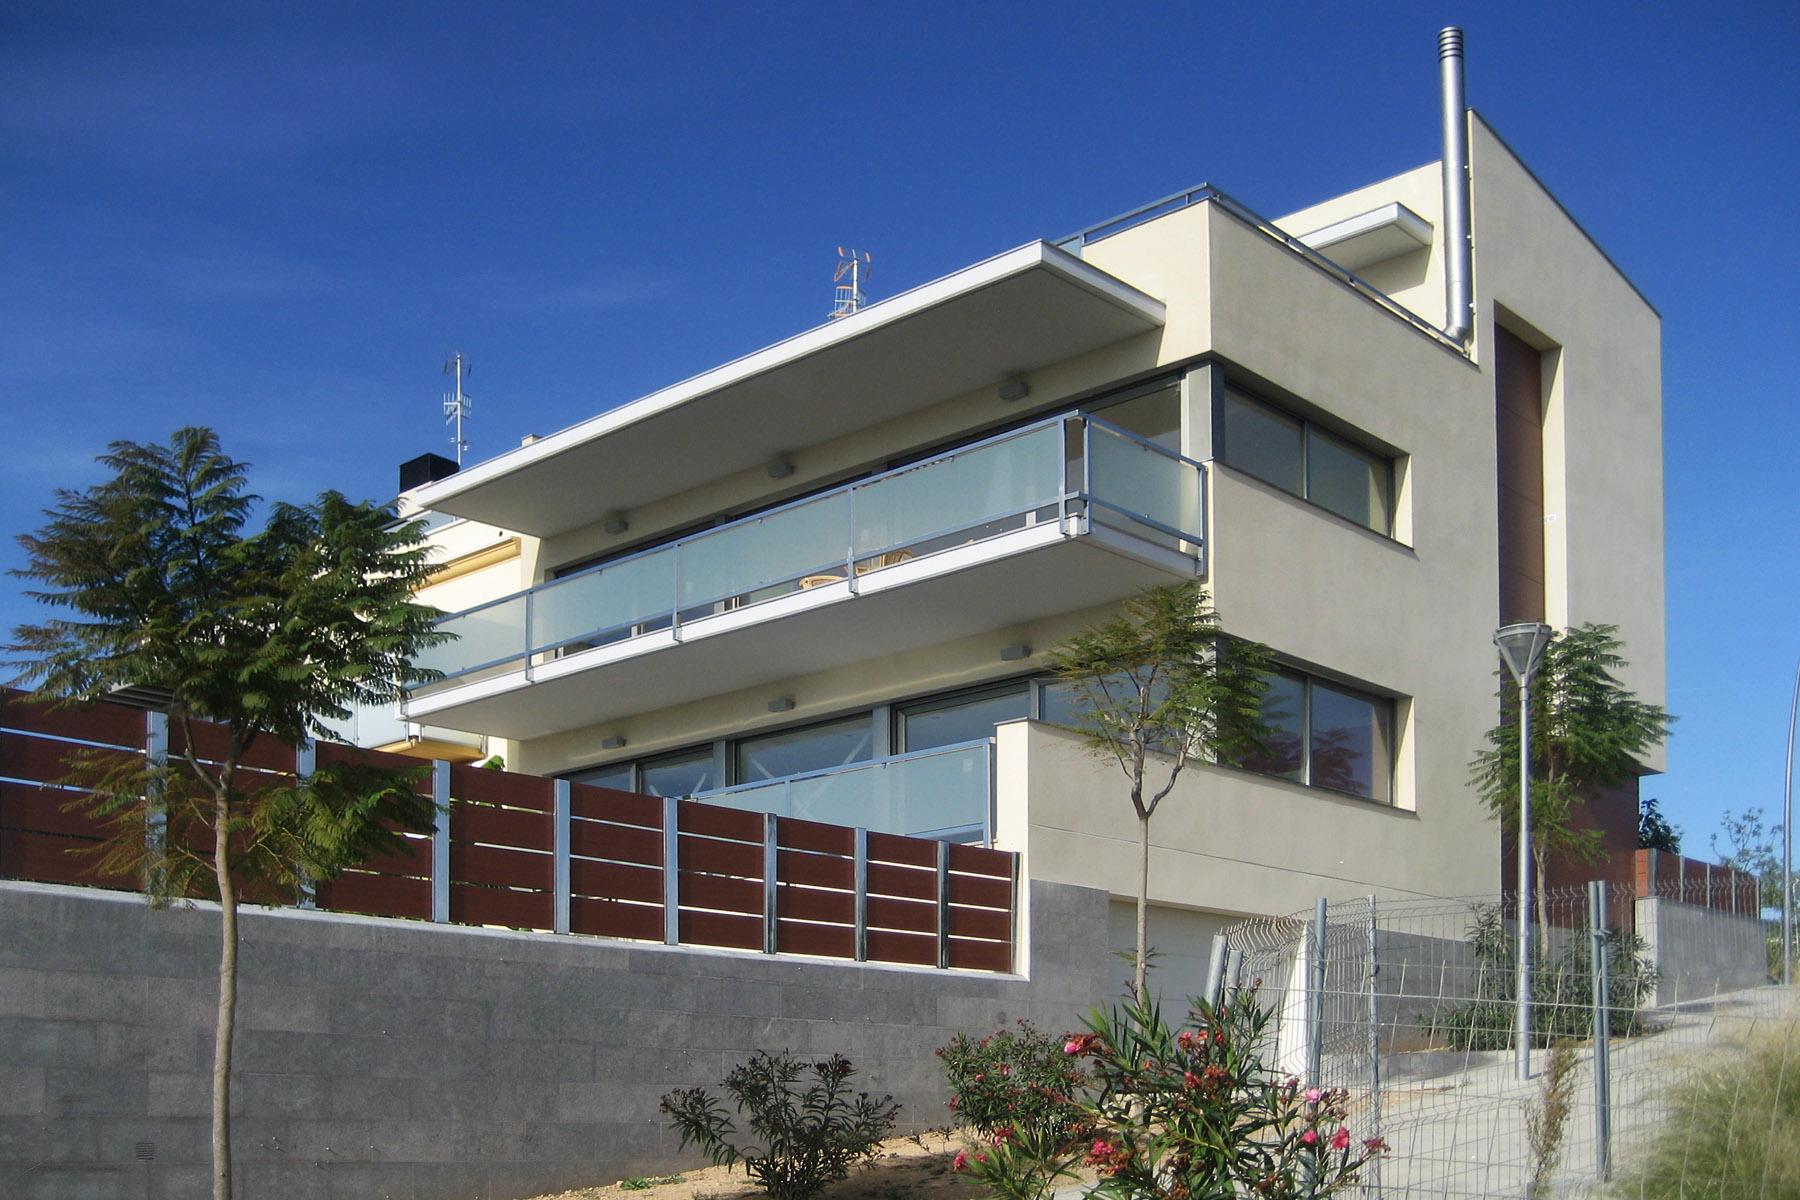 Vivienda-Unifamiliar-Casa-Contreras-Albareda-Cami-Antoniet-Sitges-Barcelona-02